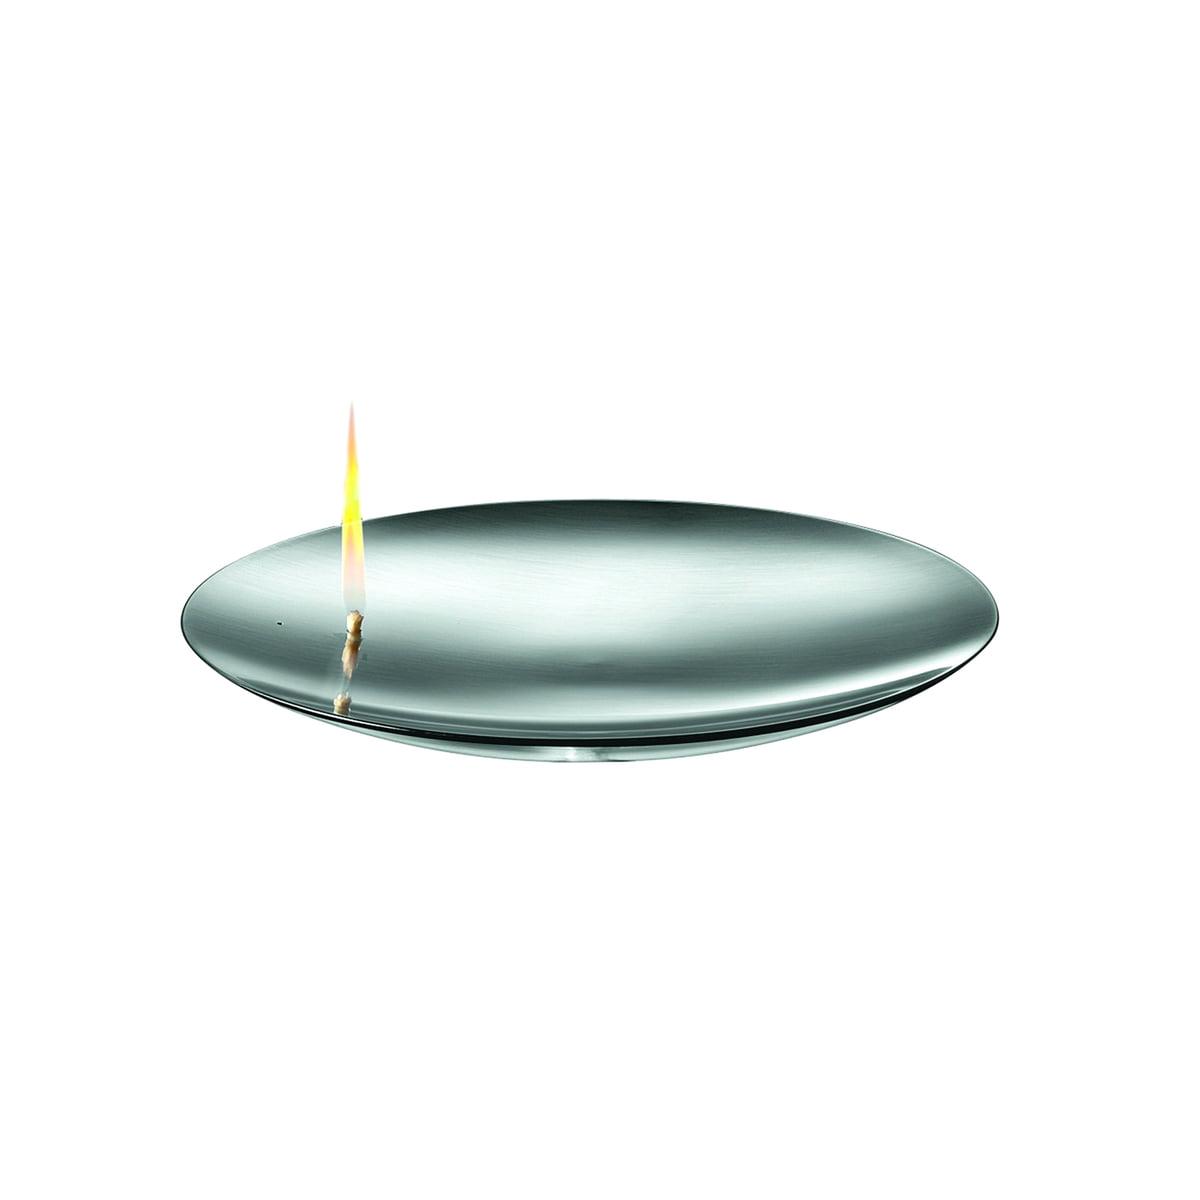 mono concave - Mini Feuerschale, Ø 13 cm | Garten > Grill und Zubehör > Feürstellen | Silber | Mattgebürsteter edelstahl | mono